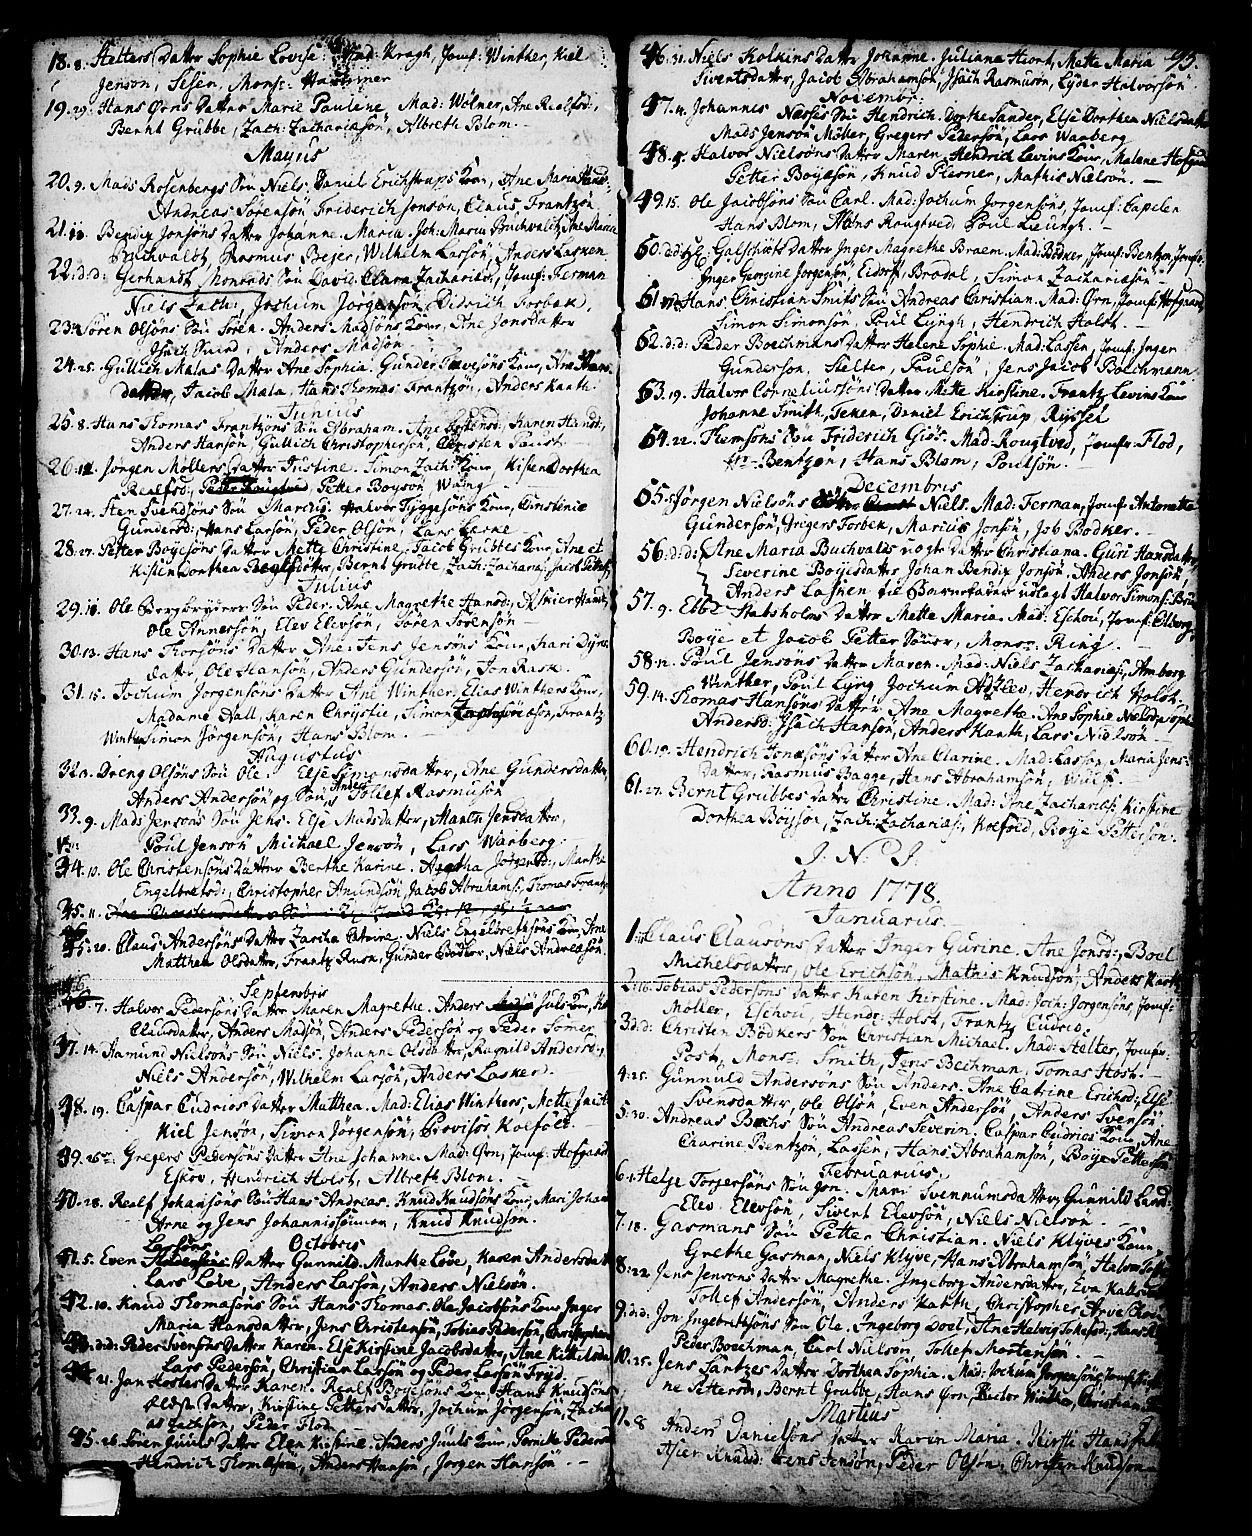 SAKO, Skien kirkebøker, G/Ga/L0001: Klokkerbok nr. 1, 1756-1791, s. 95